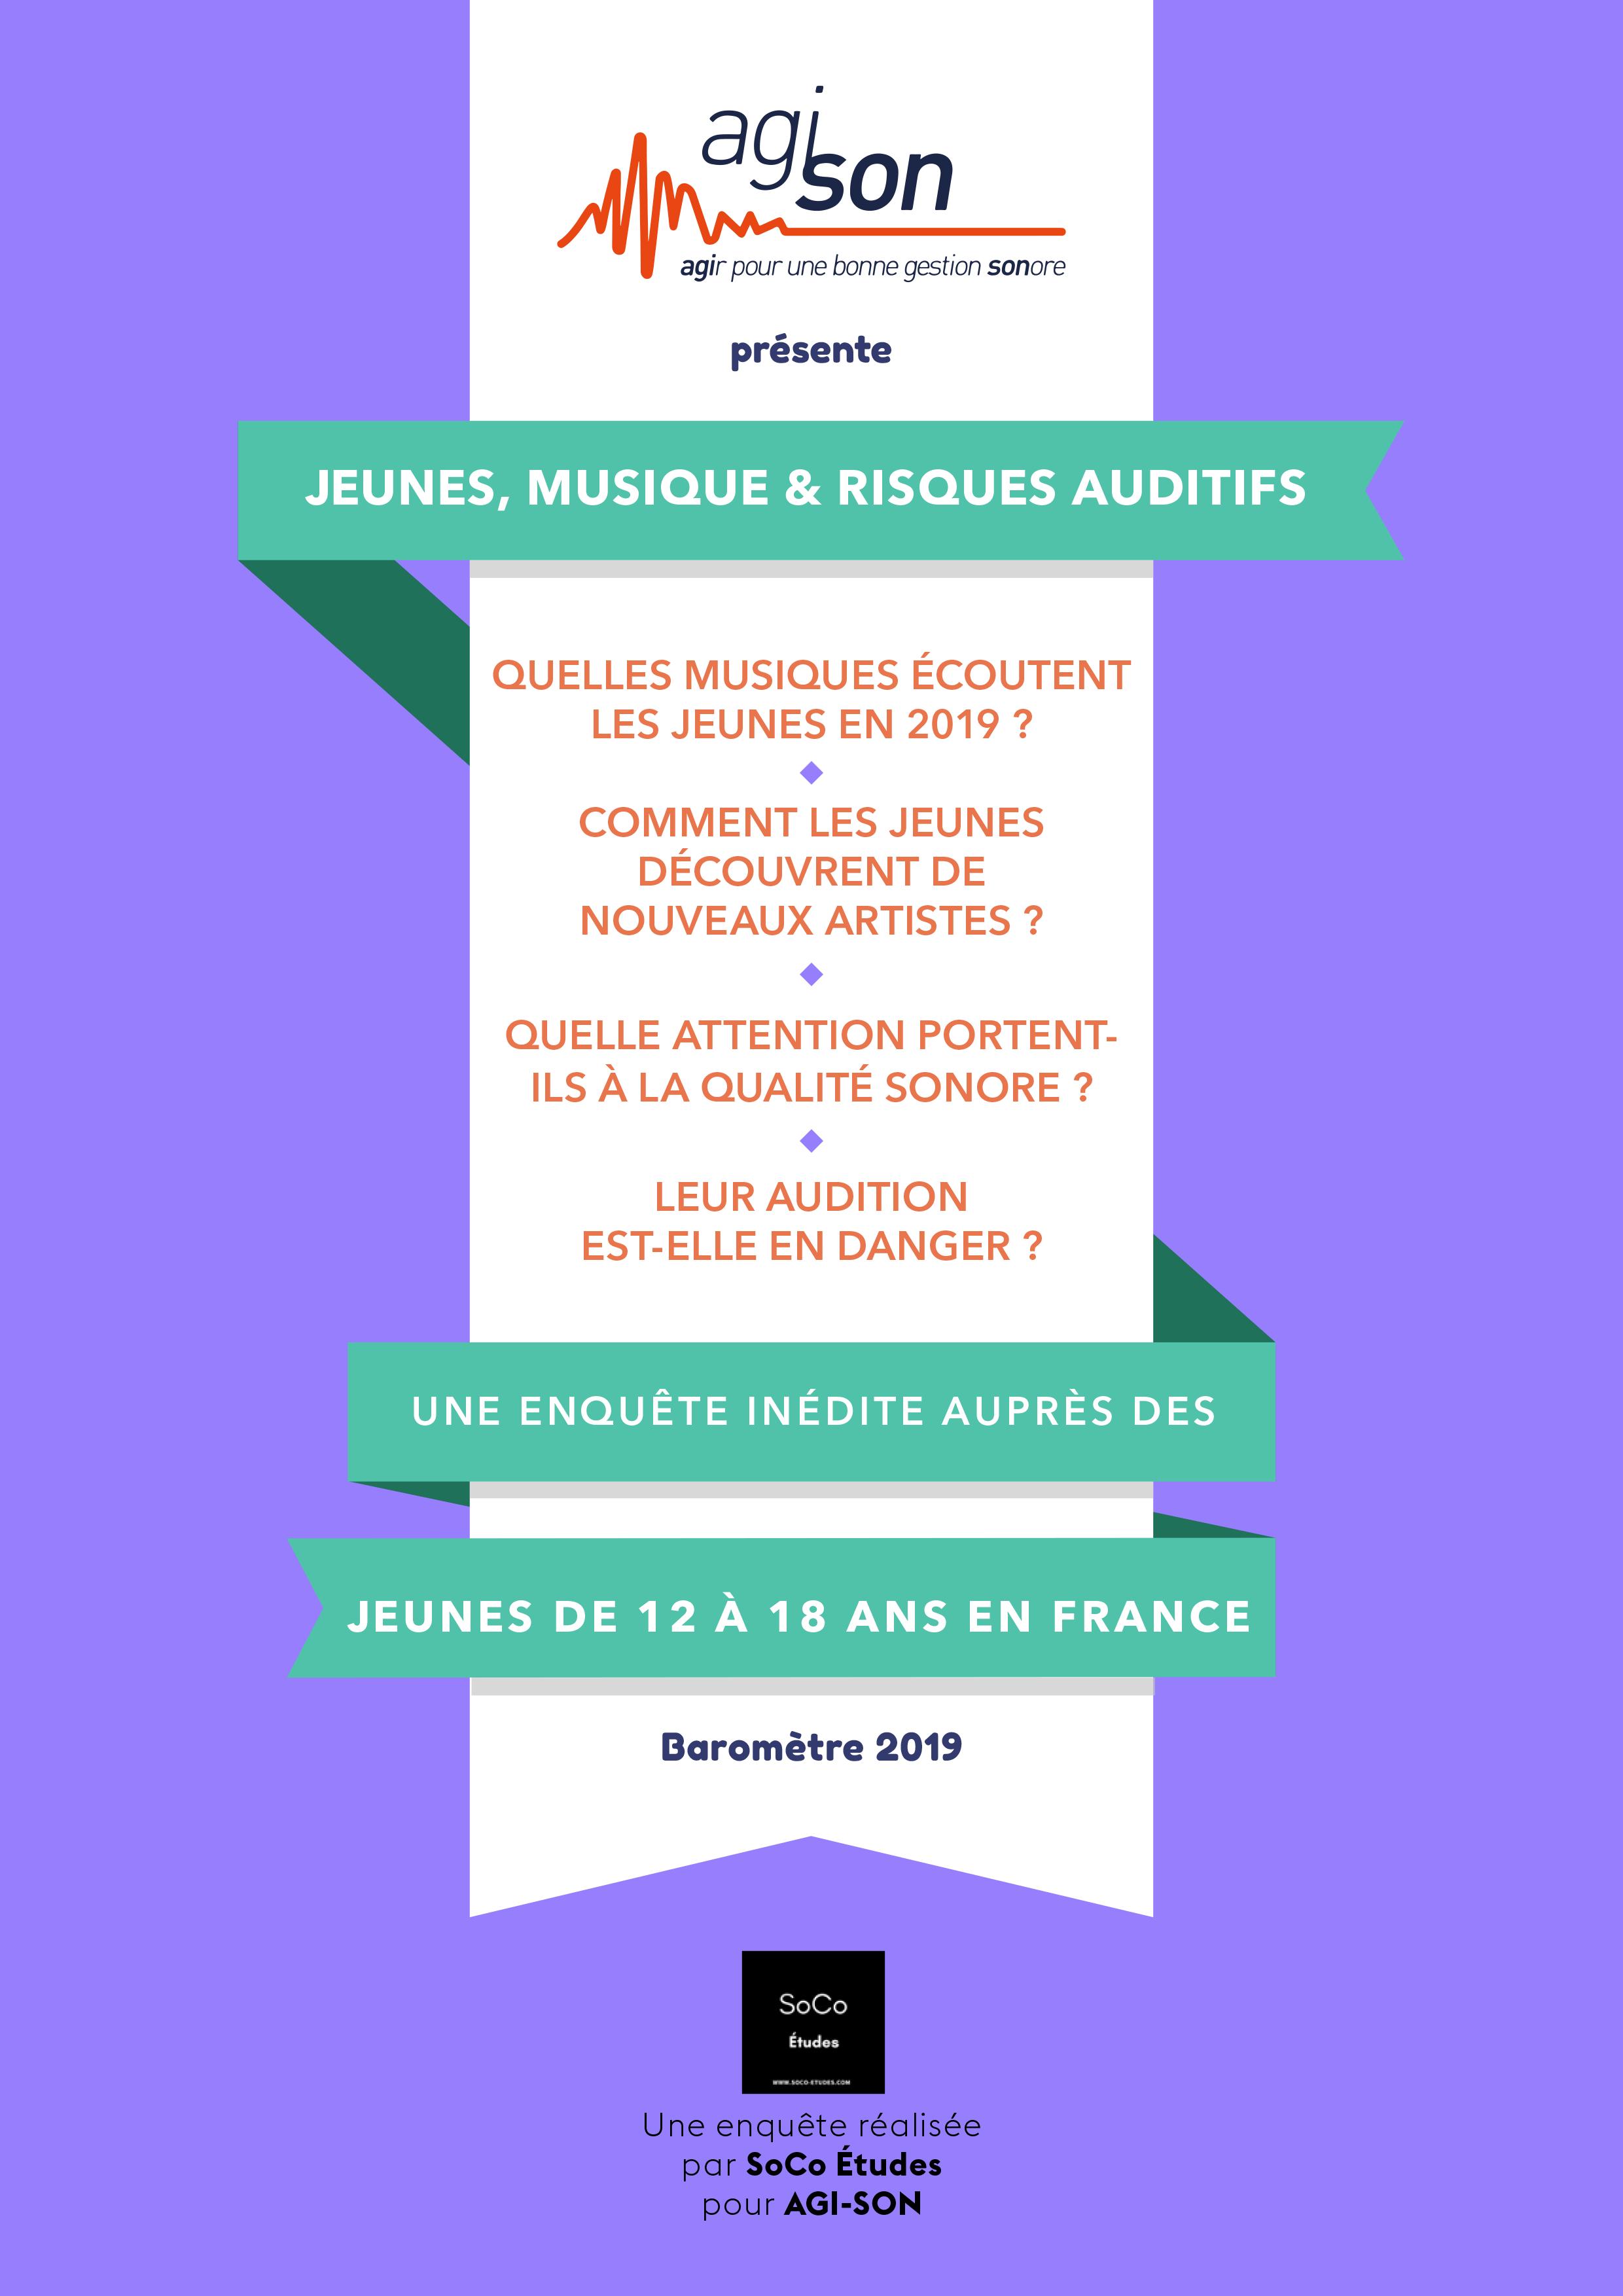 Image de Baromètre 2019-jeunes-musique-AGI-SON